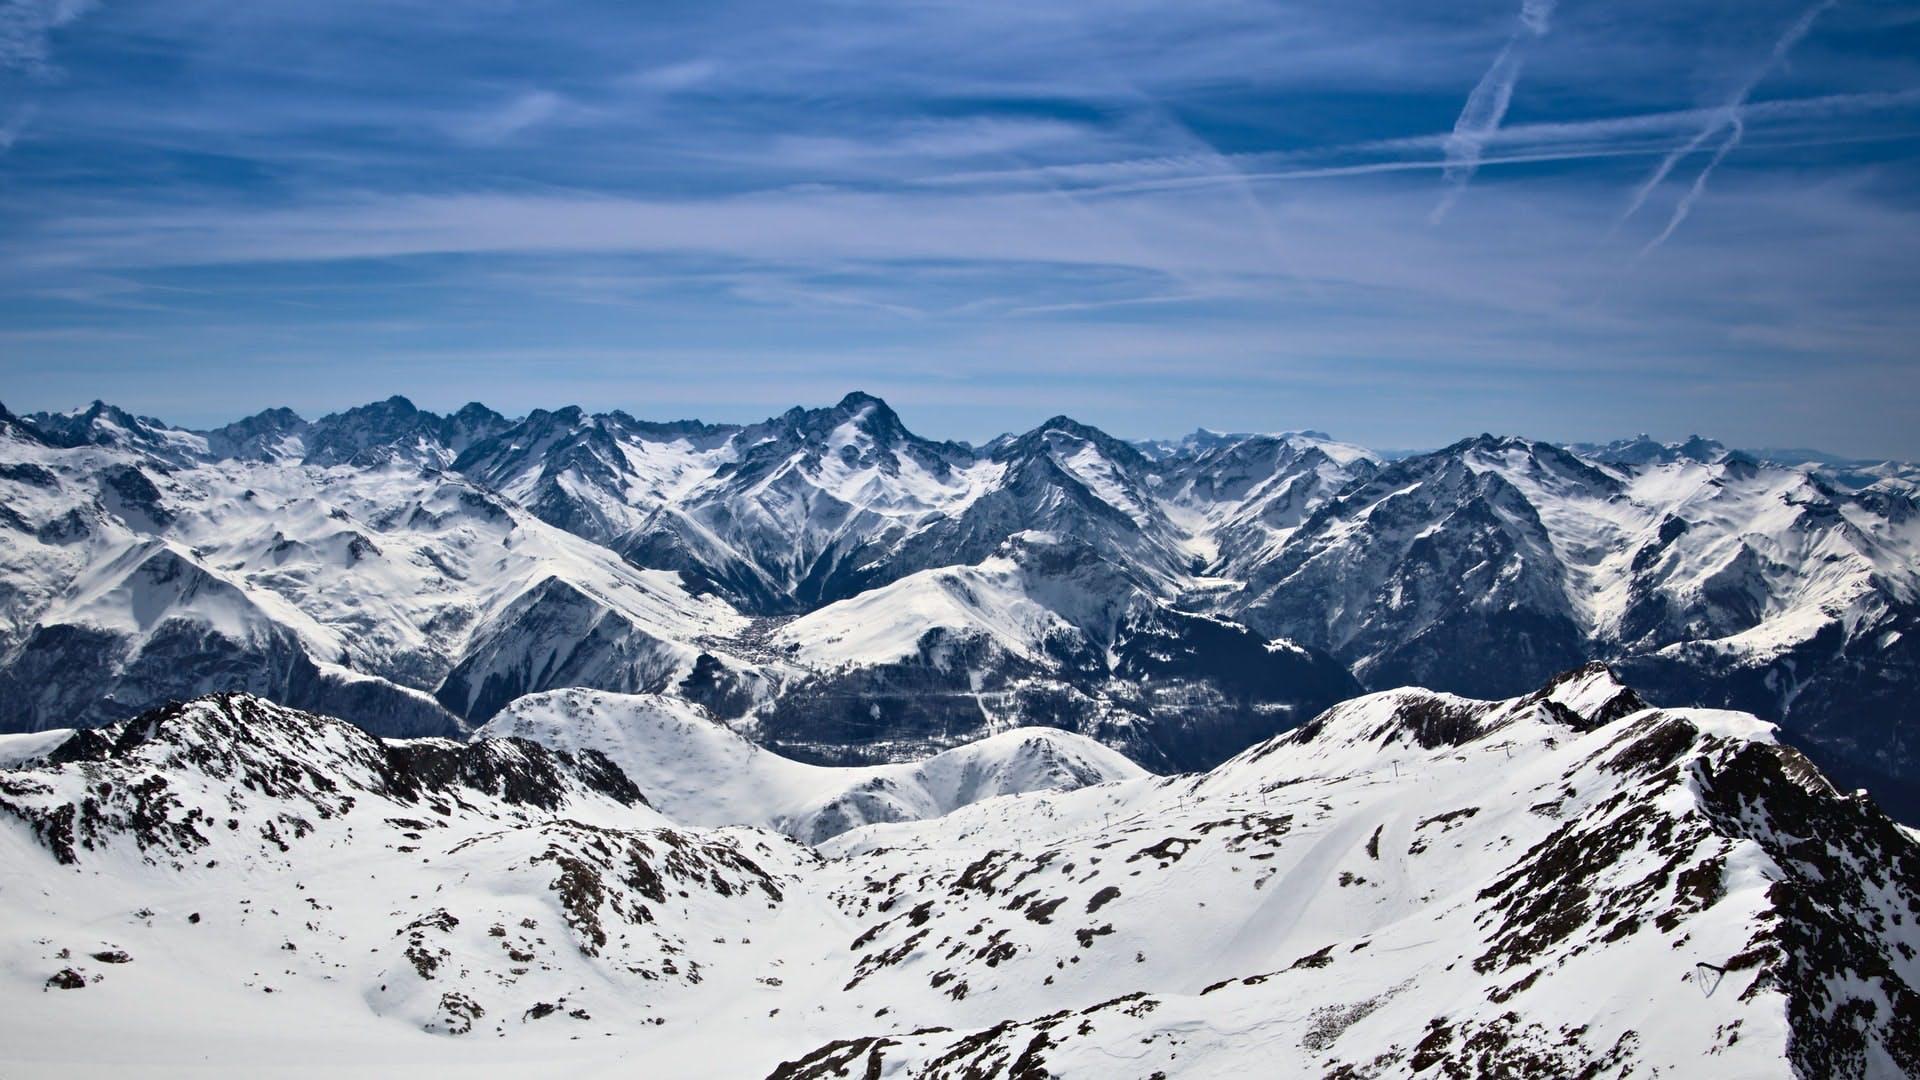 Alpe de huez